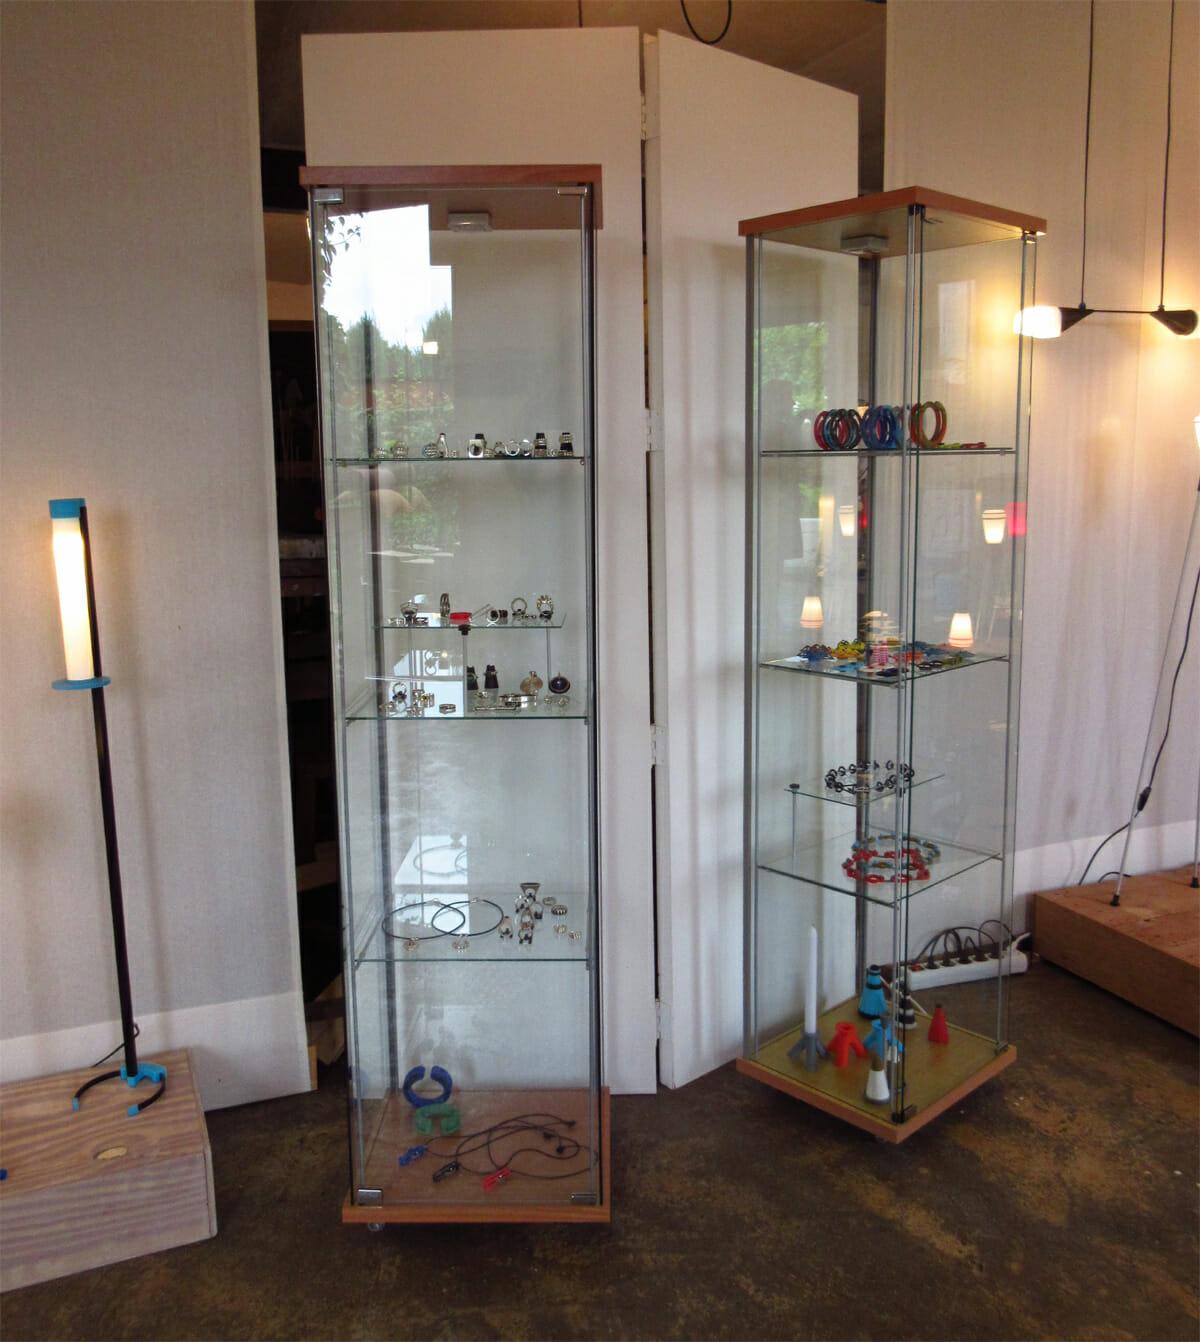 Ben Wisman, sieraden en lampen. Foto Ben Wisman, vitrines, tentoonstelling